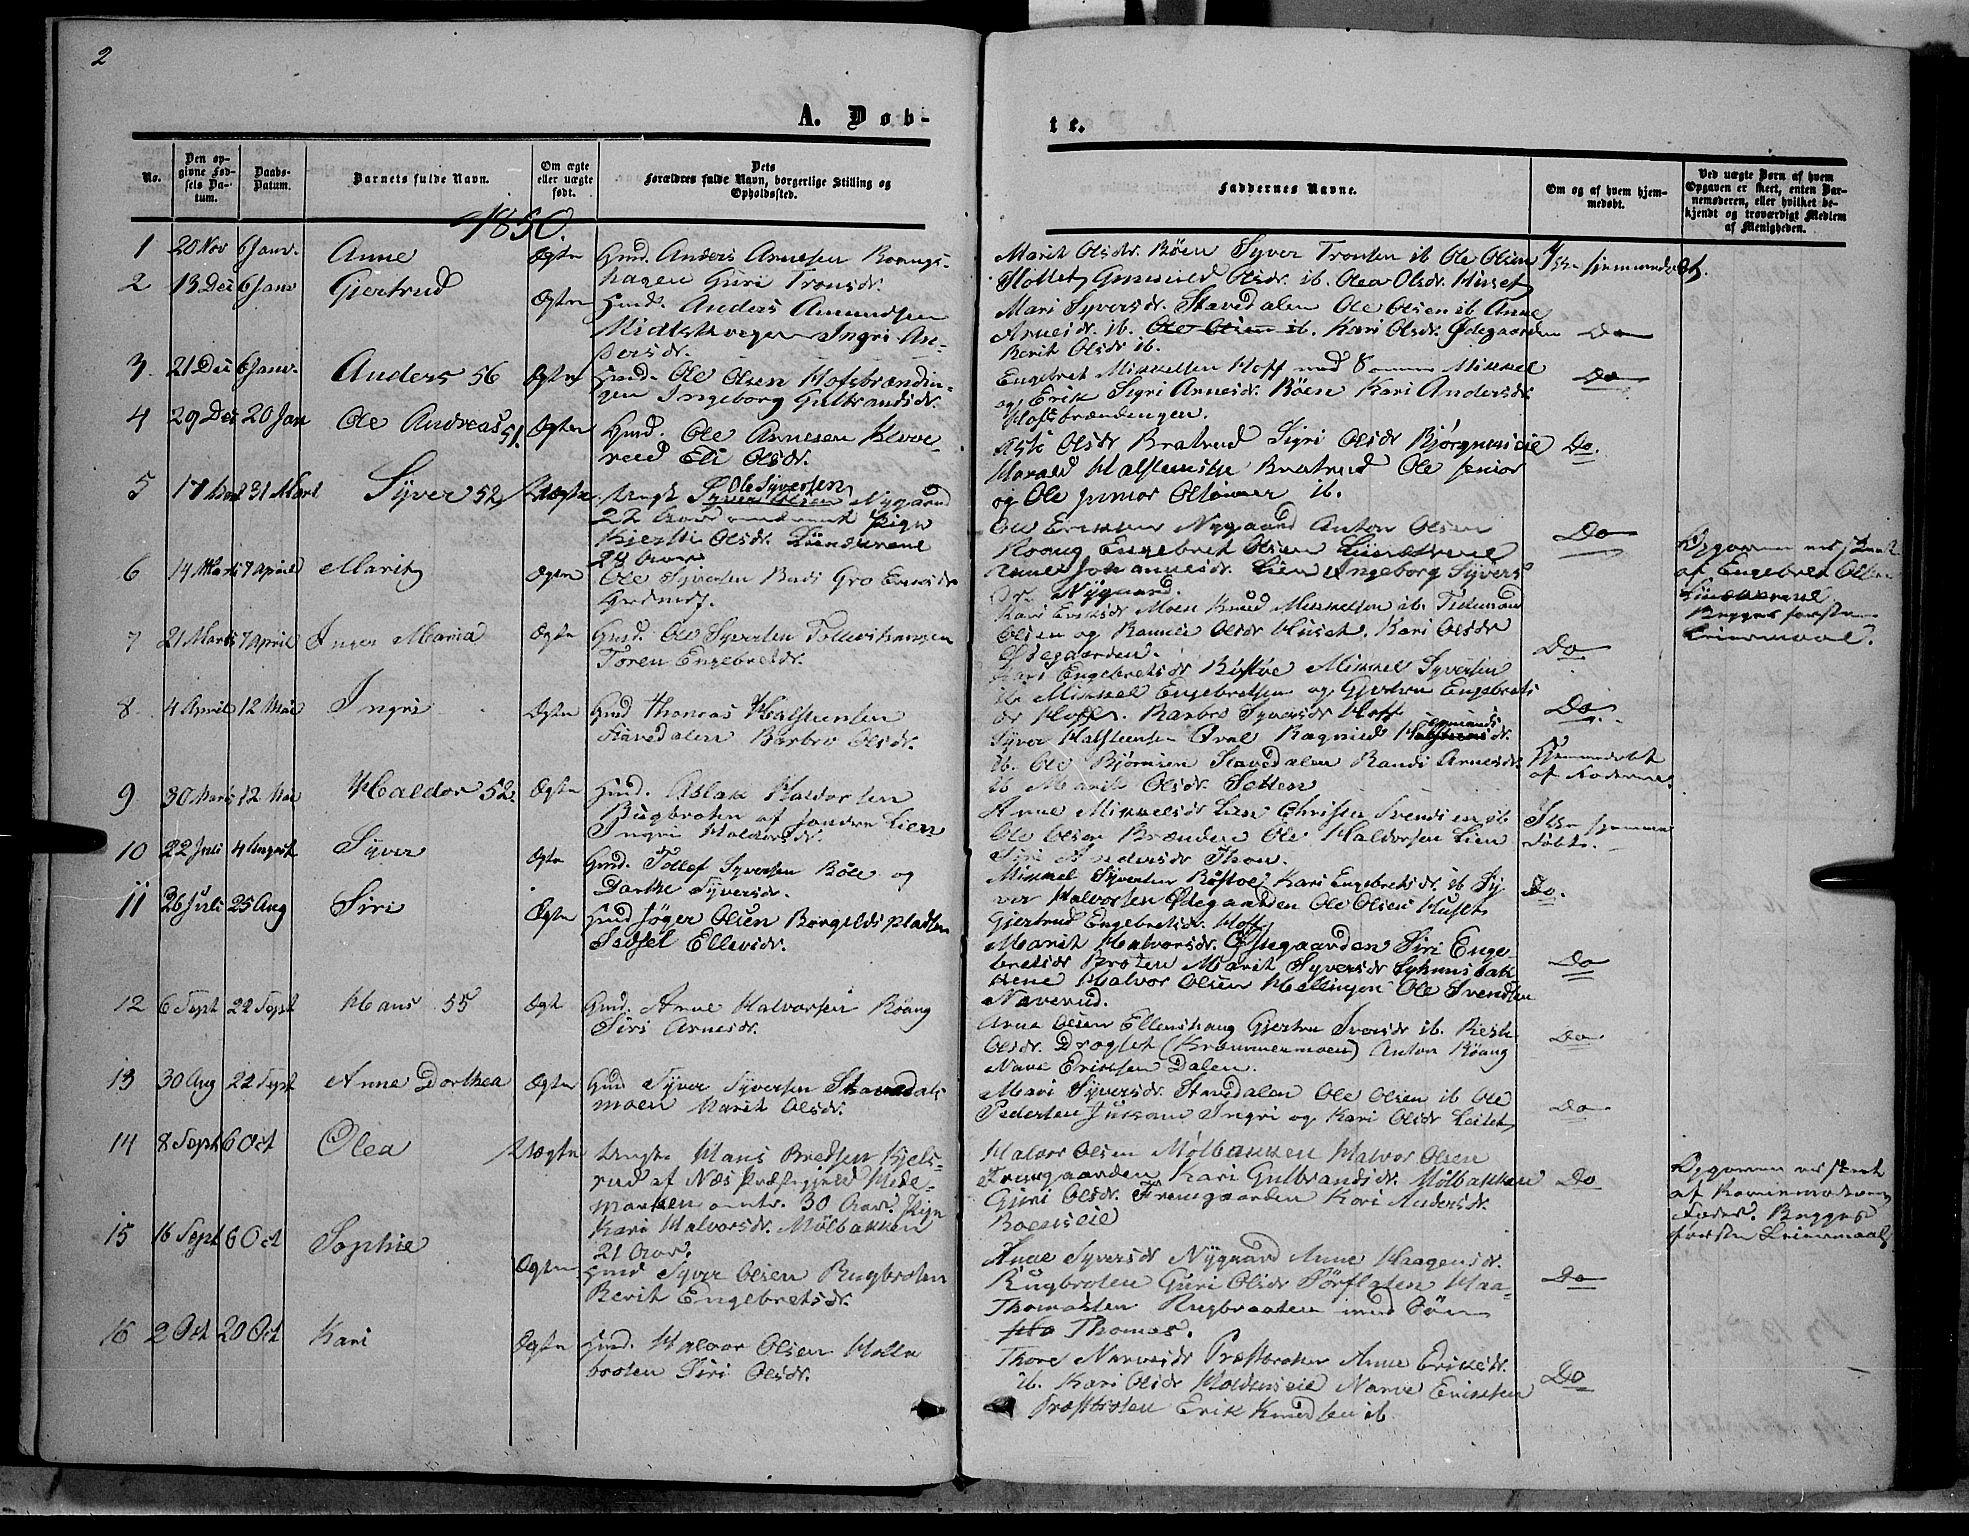 SAH, Sør-Aurdal prestekontor, Ministerialbok nr. 6, 1849-1876, s. 2